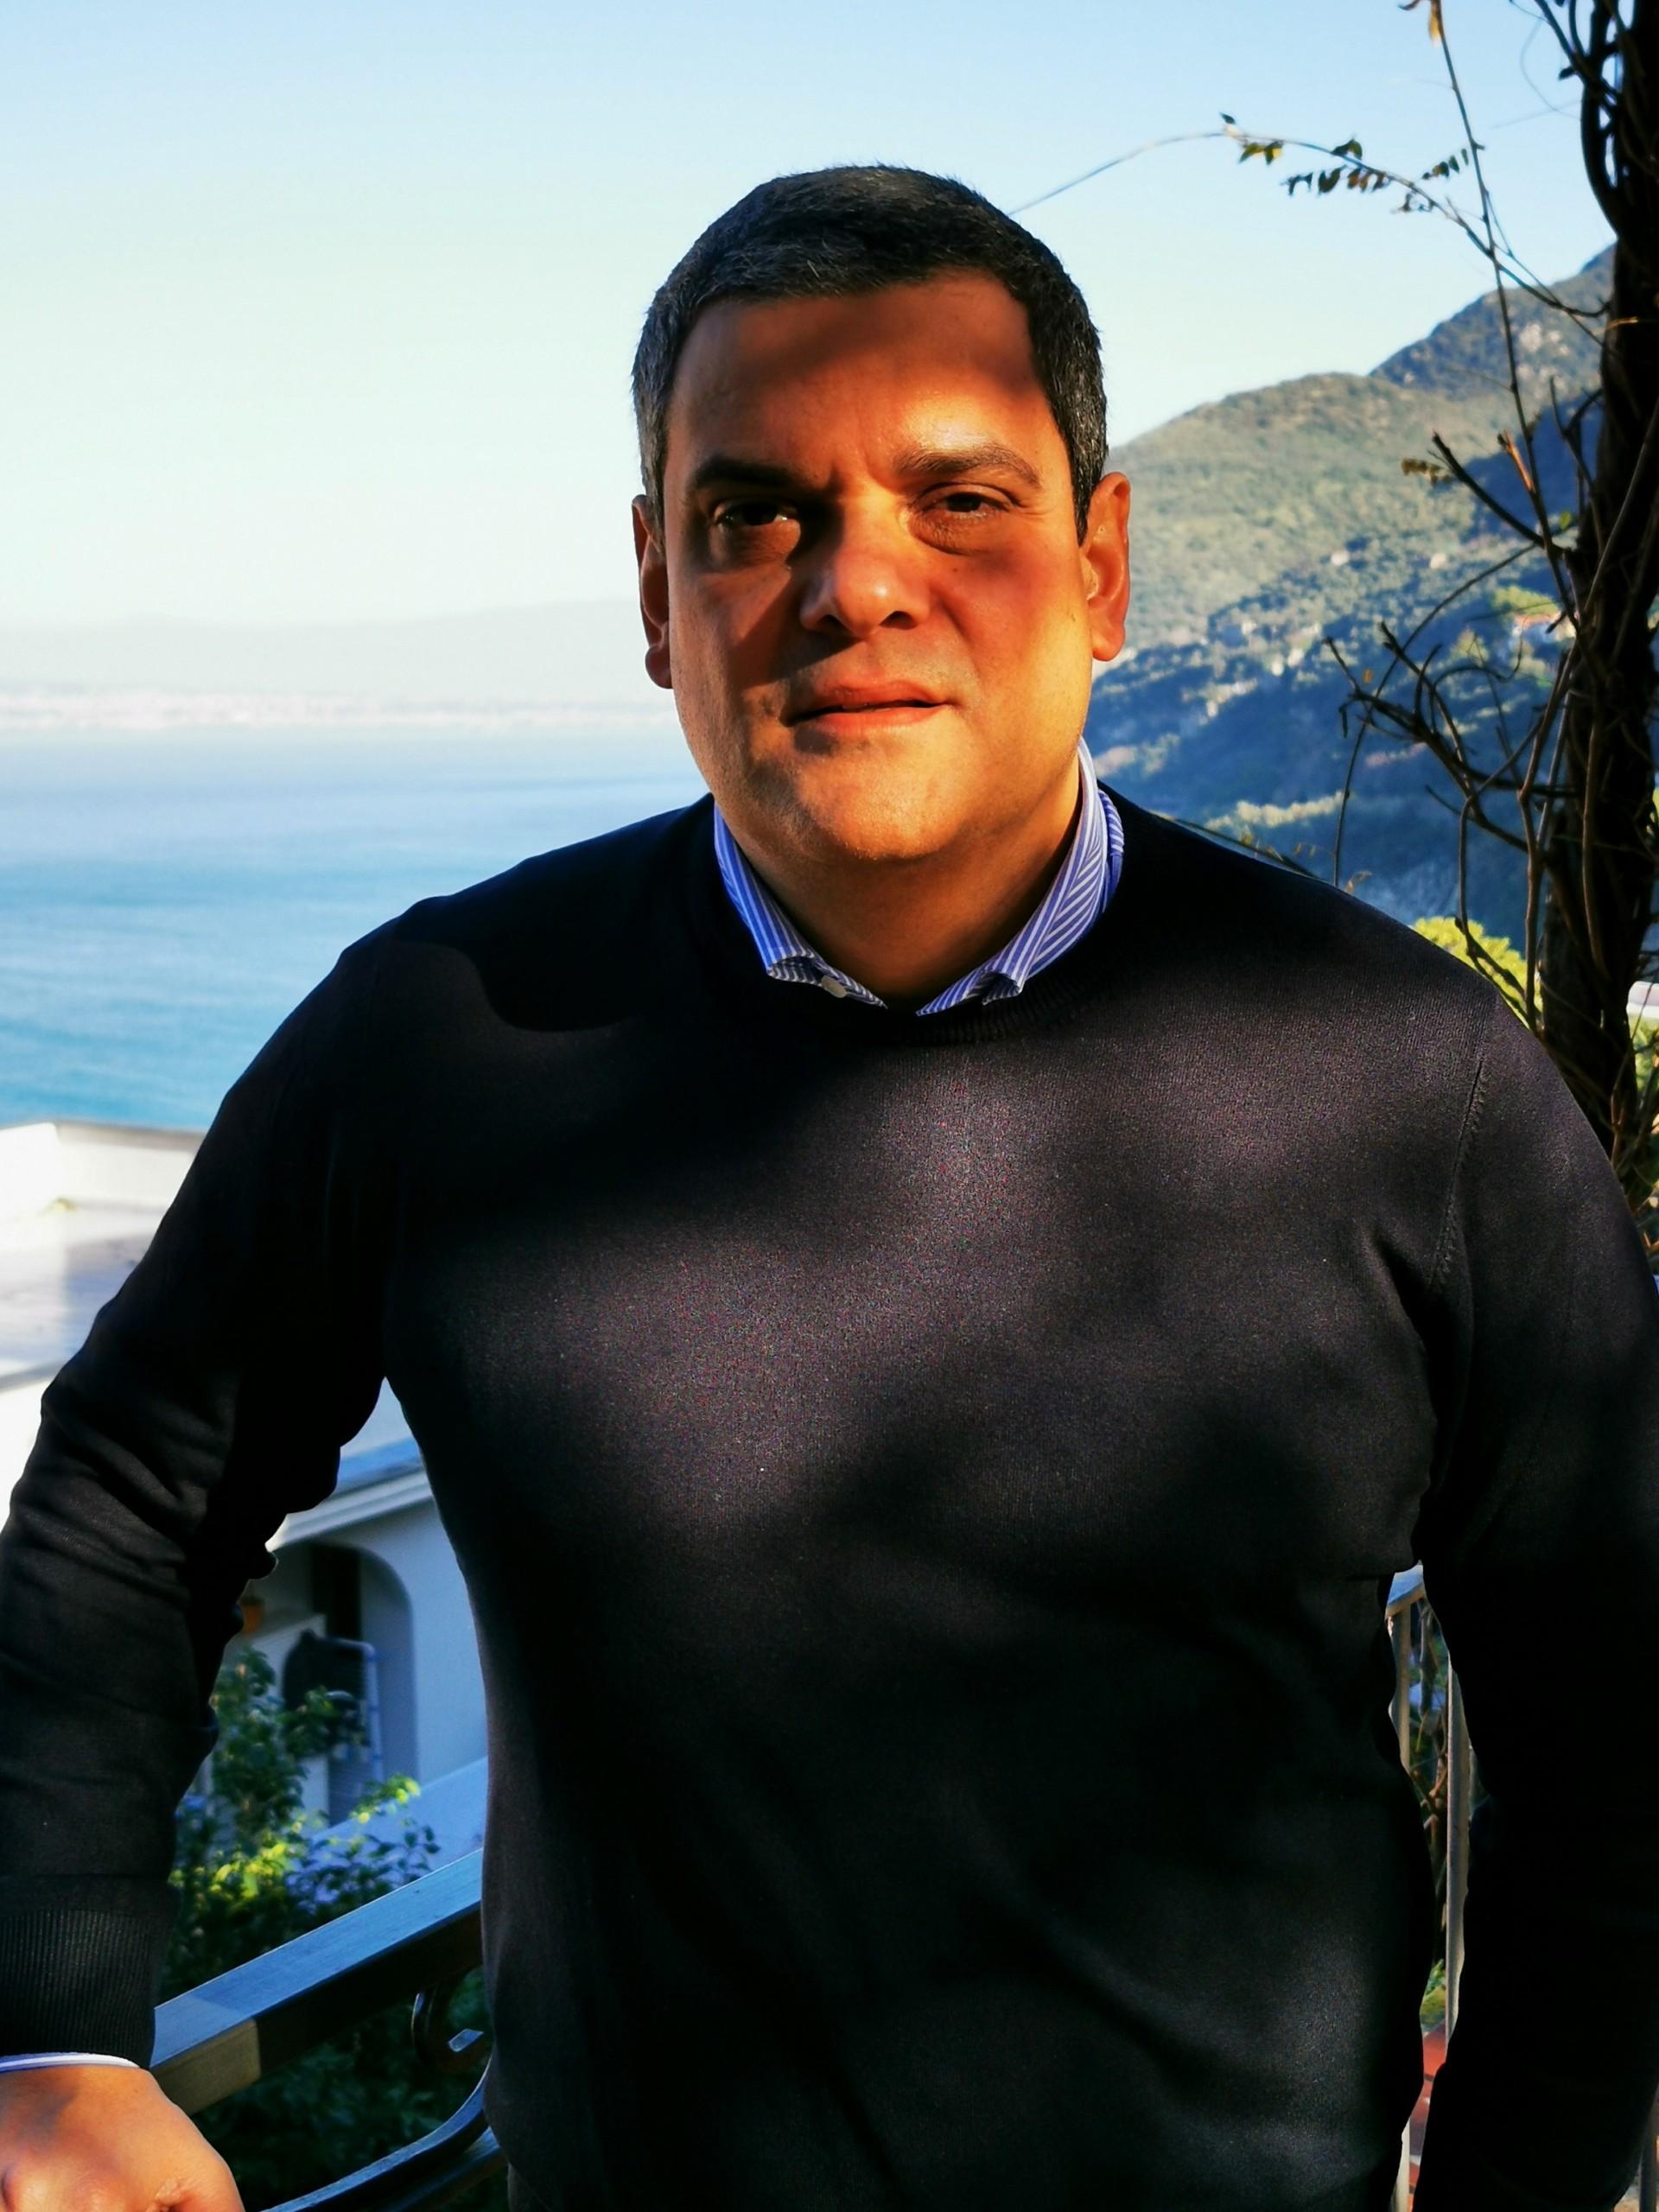 Le sfide del mondo IT - intervista a Cesare Spernanzoni